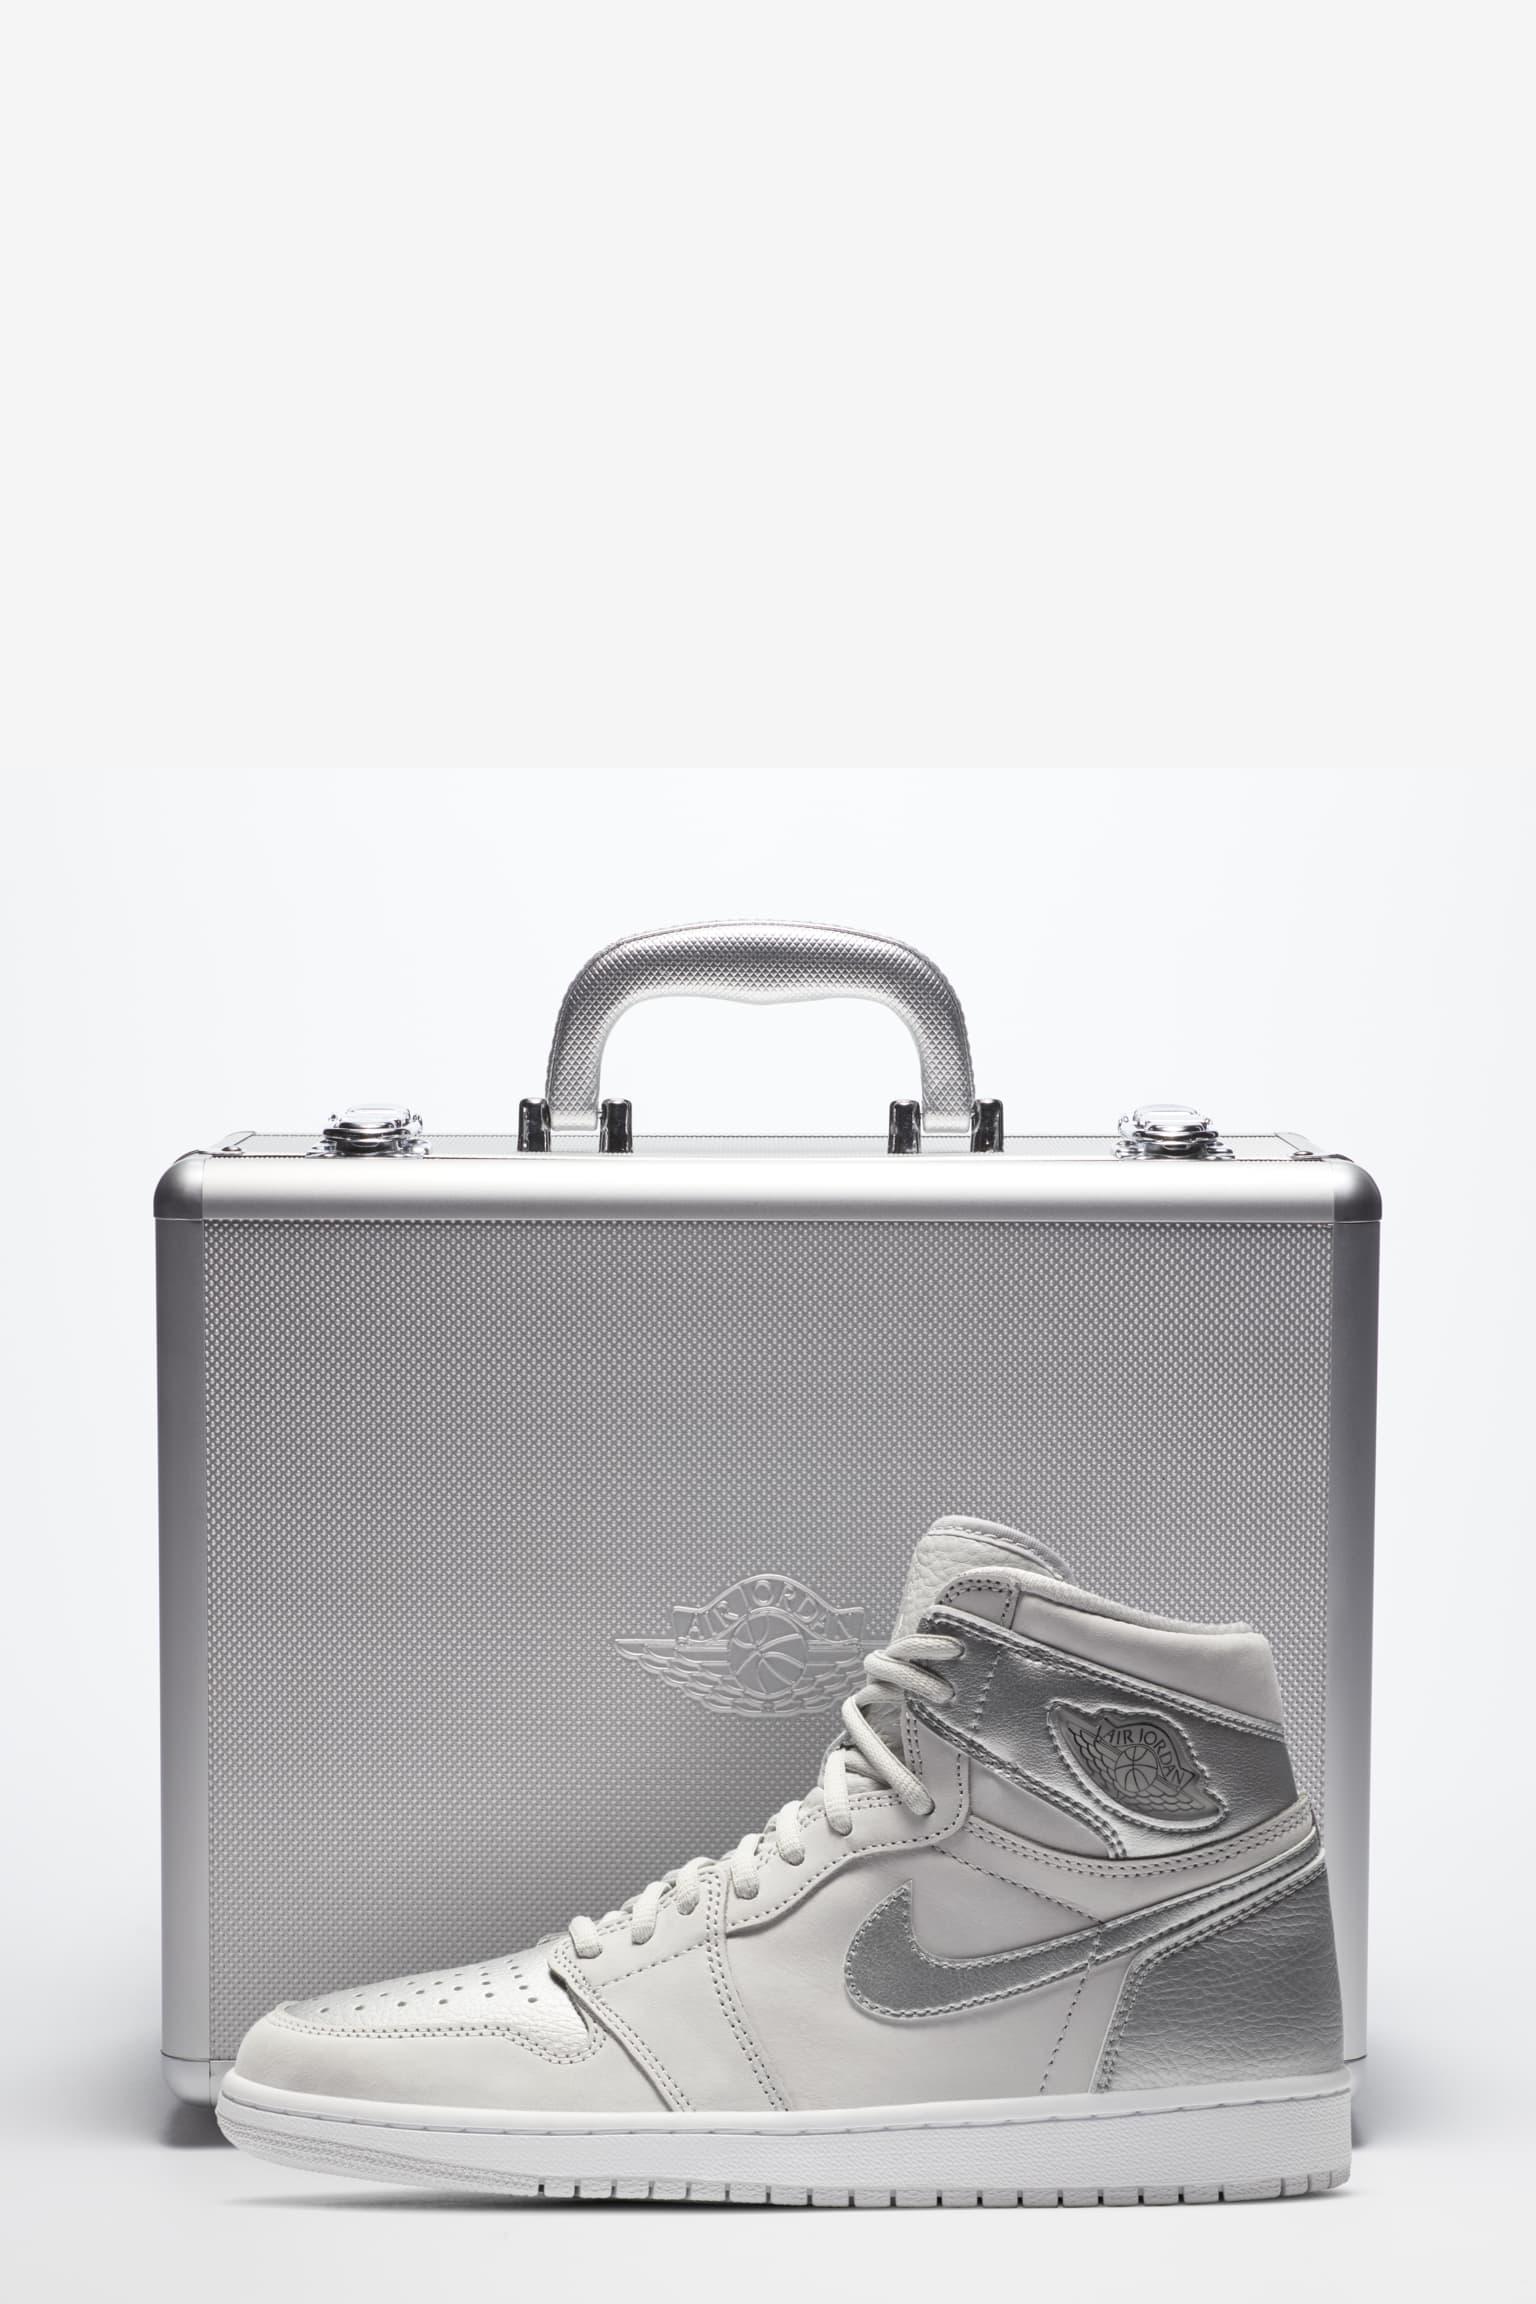 エア ジョーダン 1 'Tokyo' 発売日. Nike